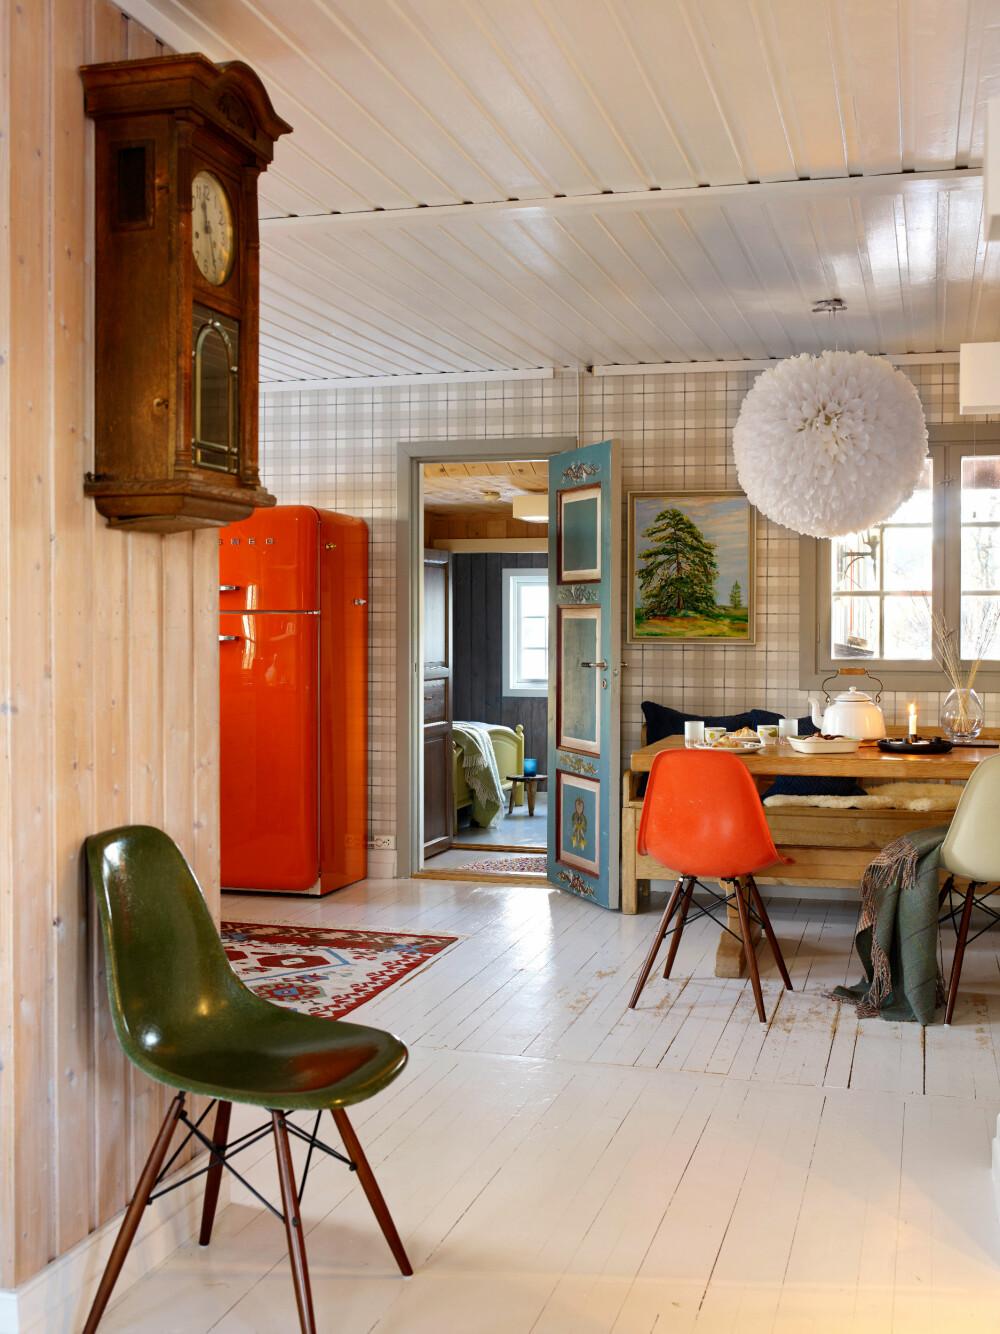 NOSTALGISK BLANDING: Snertne farger har fått et fint følge av det gamle vegguret, som er et kjært arveminne.